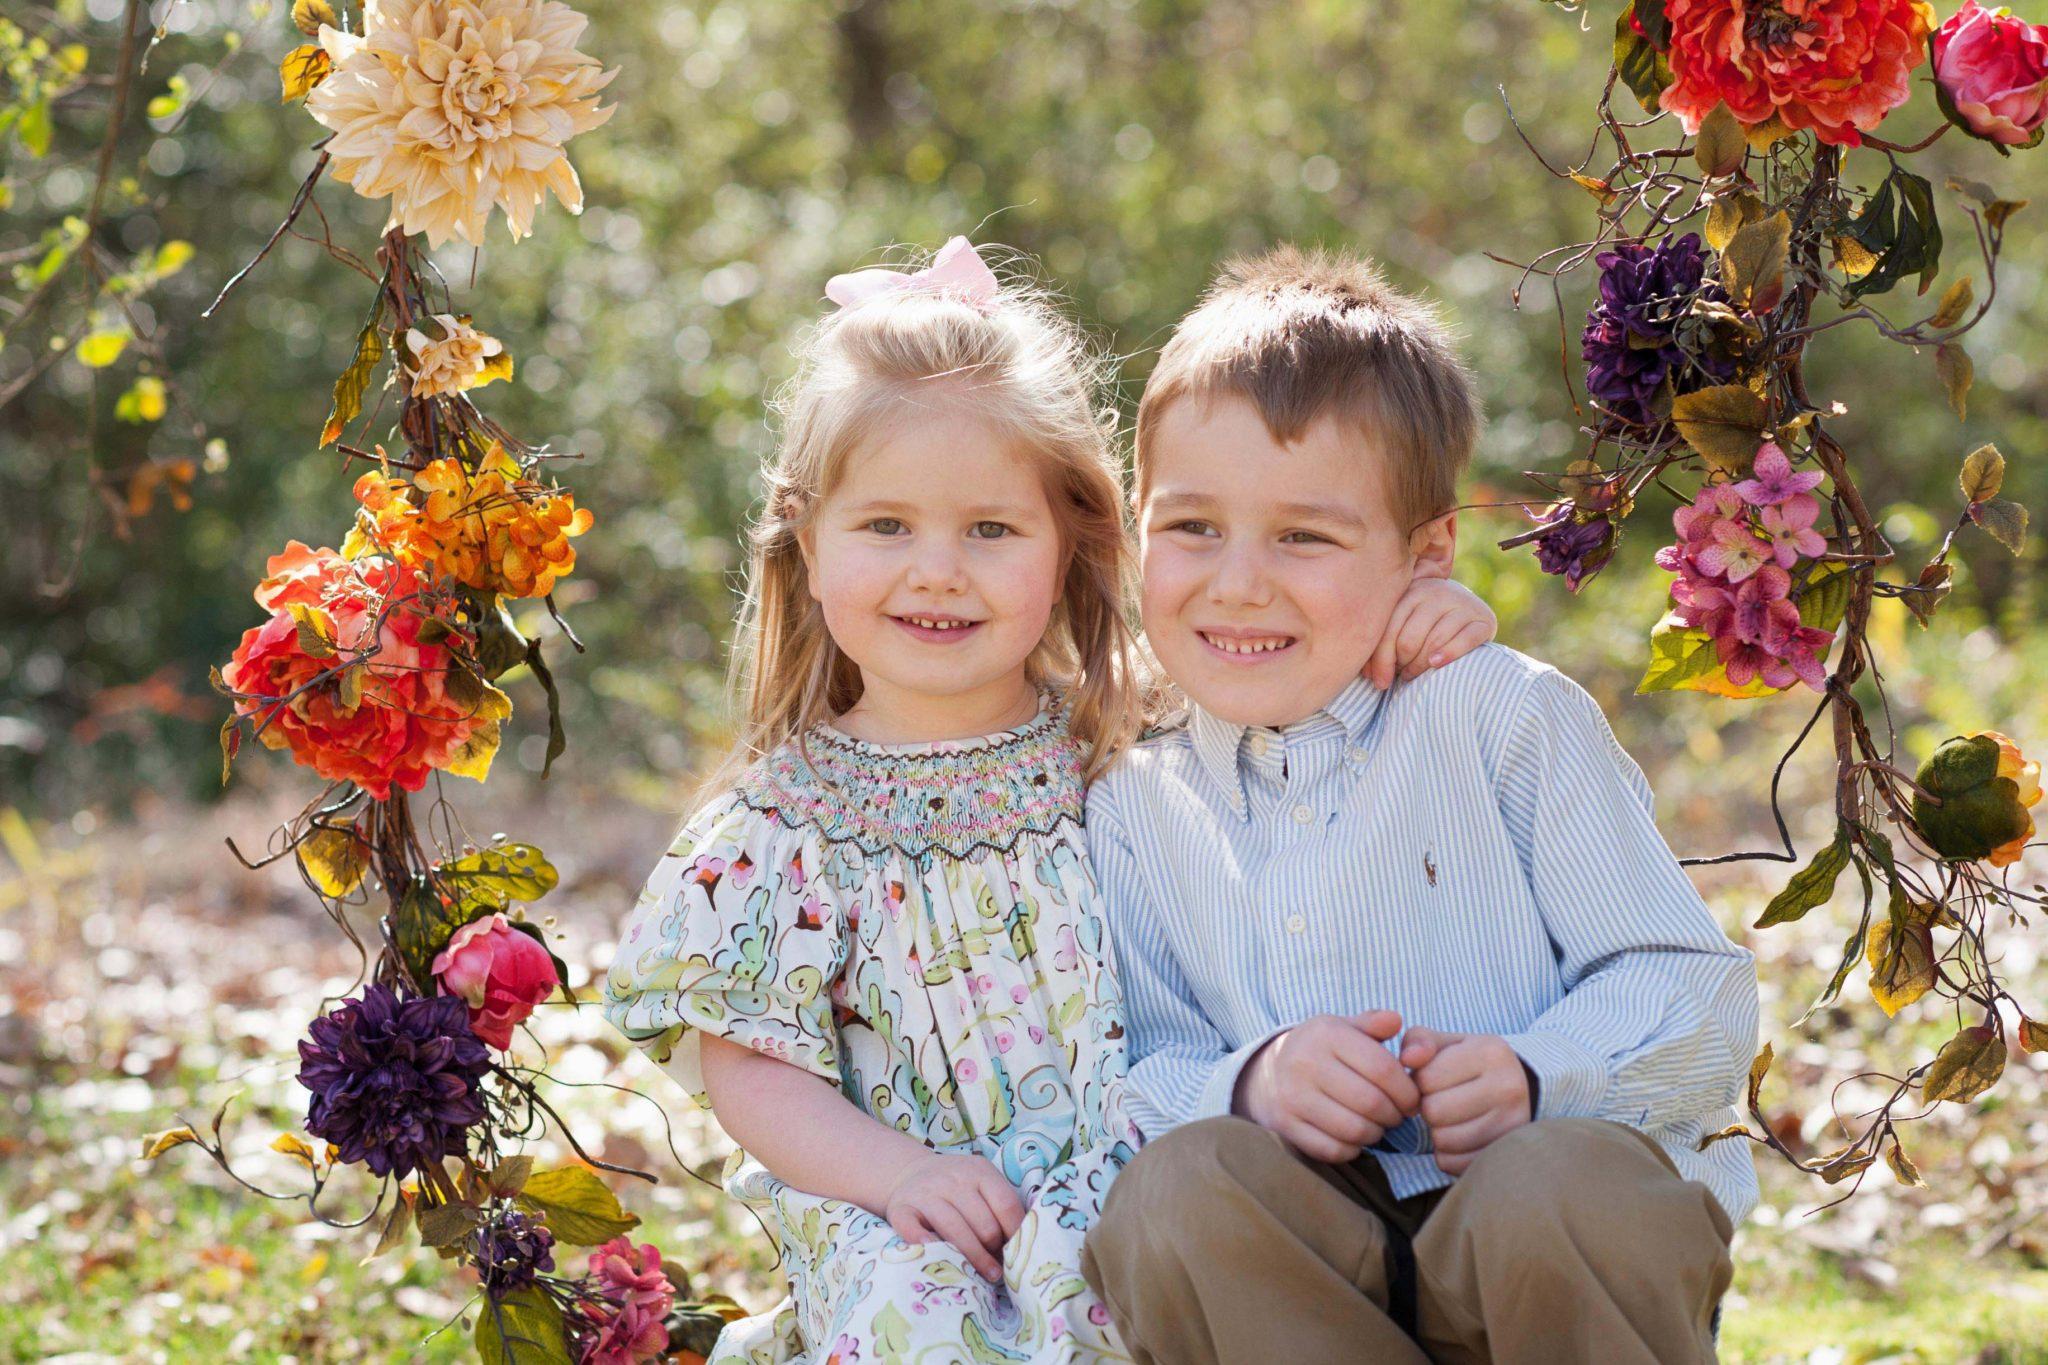 schoolportraits-sibling-pics